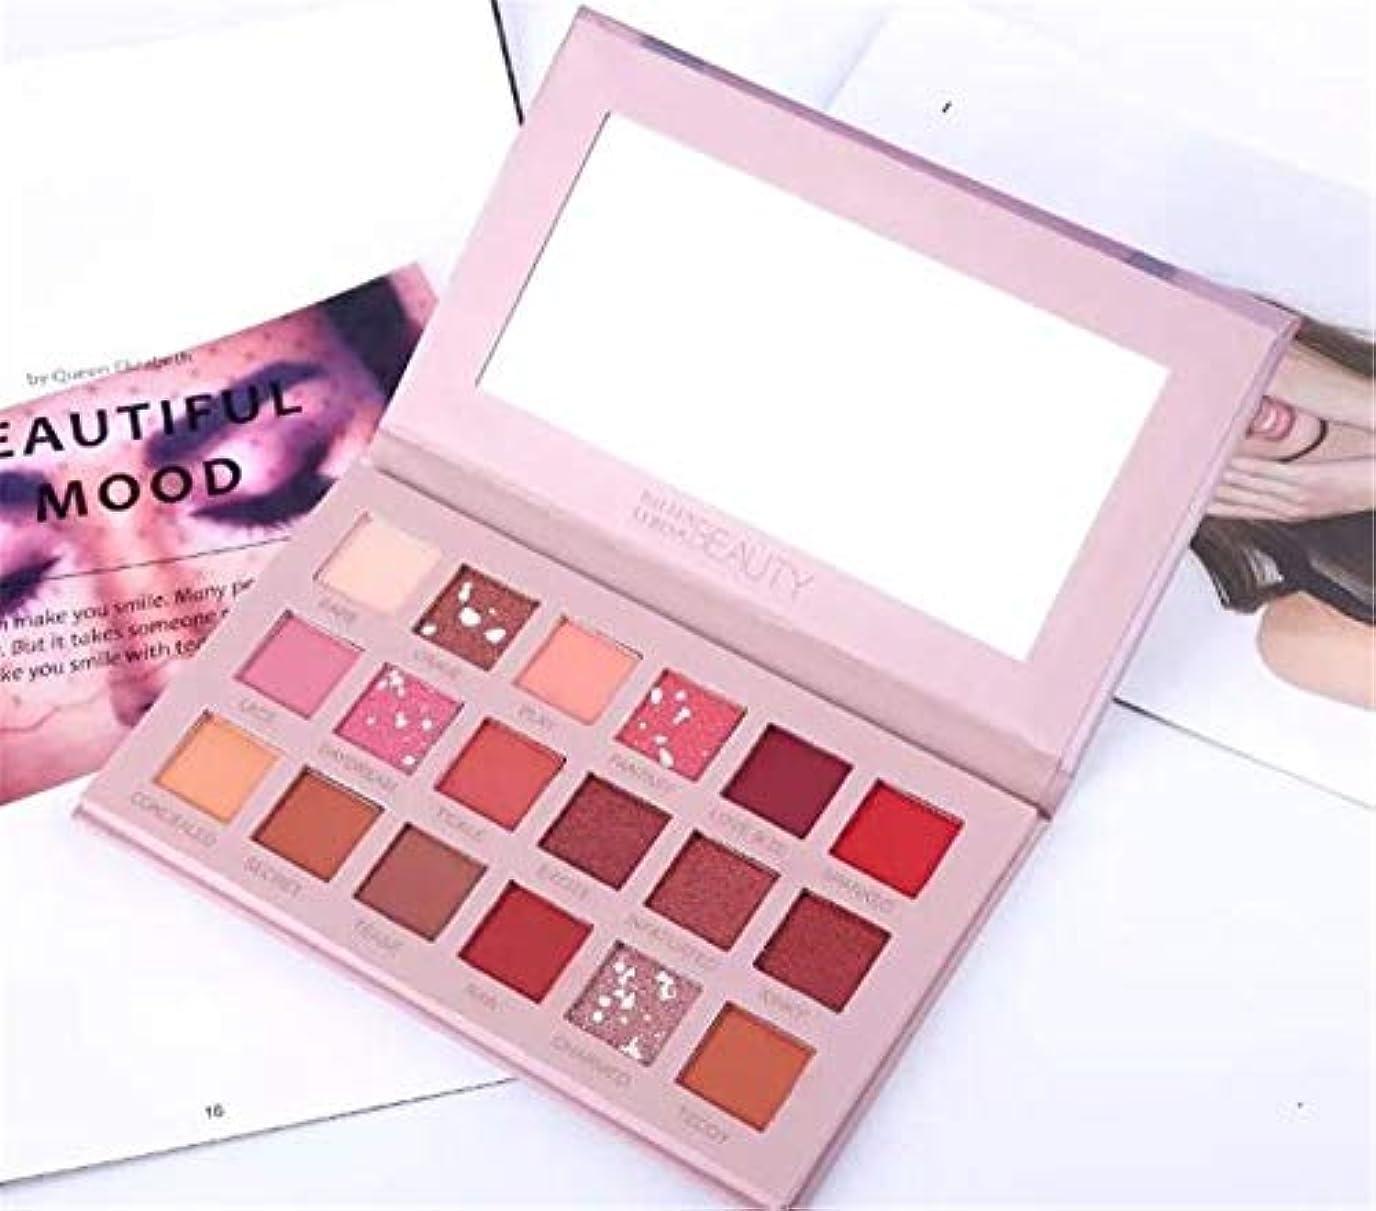 保証堂々たる抑制18色のアイシャドーの化粧品パールライト砂漠のバラのアイシャドウの美しい化粧品(3つ)